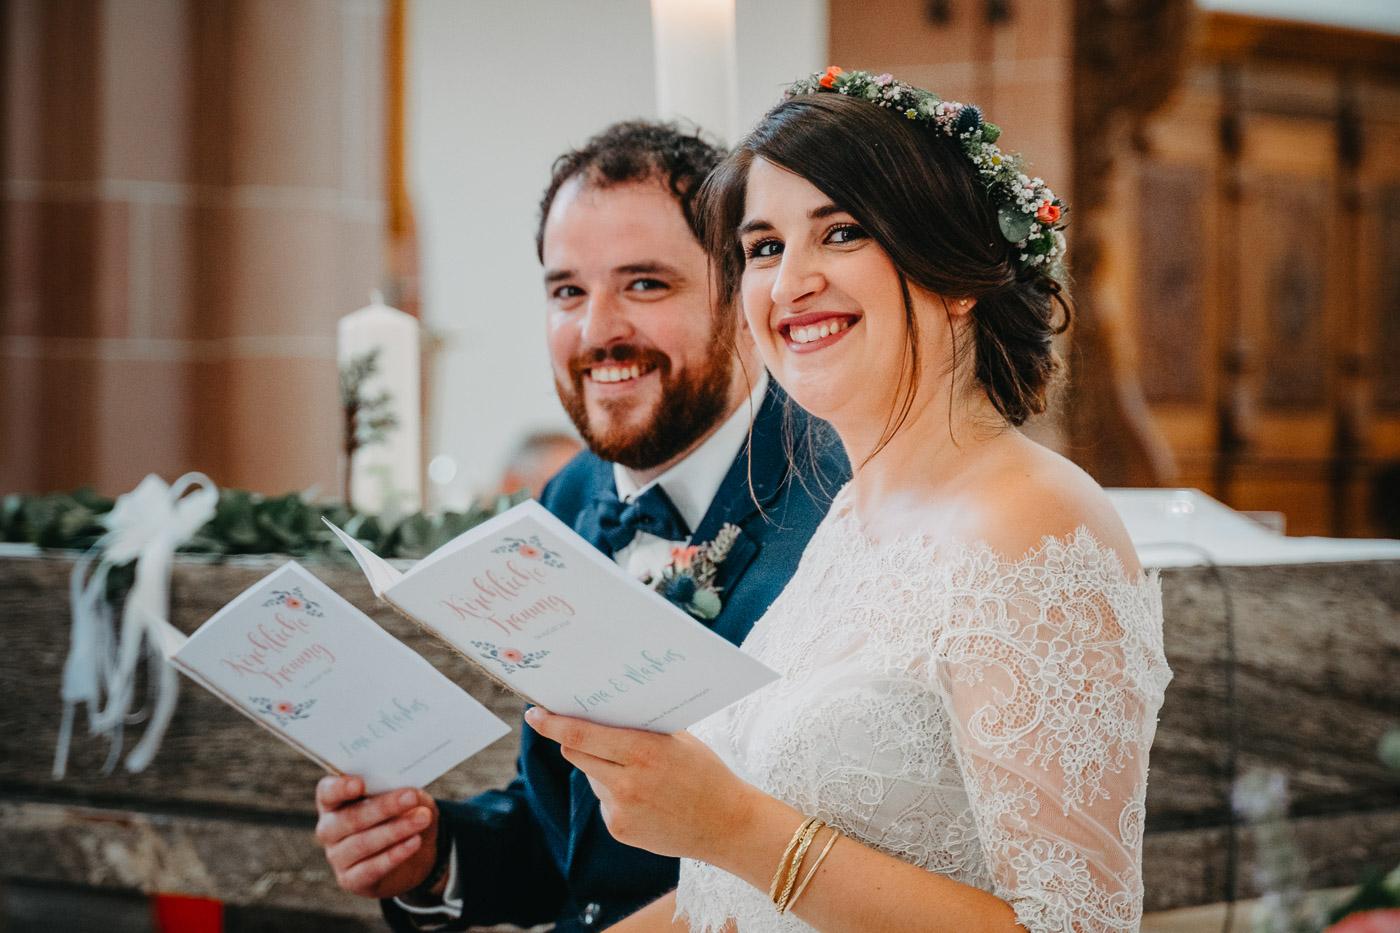 ZIBART.DE - wedding - lowq - 2018.08.04 - 1974.JPG